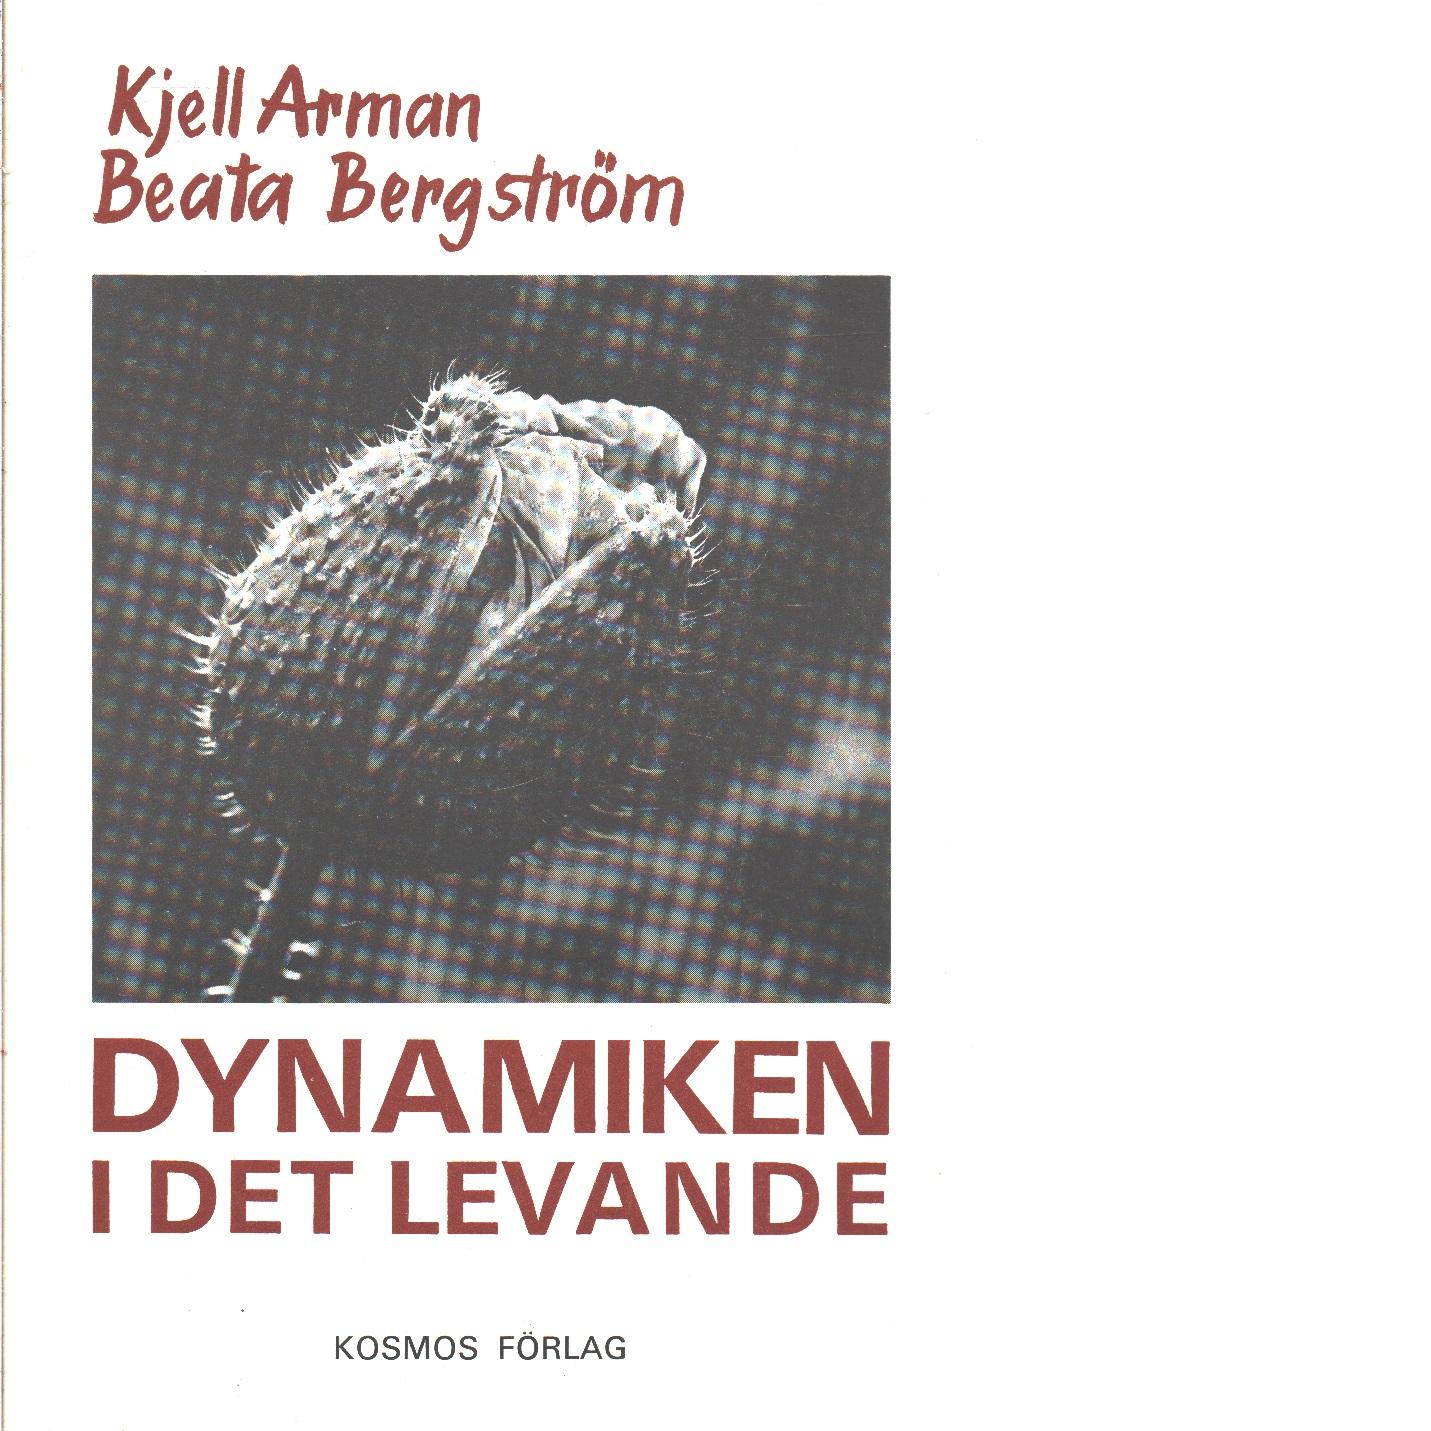 Dynamiken i det levande - Arman, Kjell och Bergström, Beata